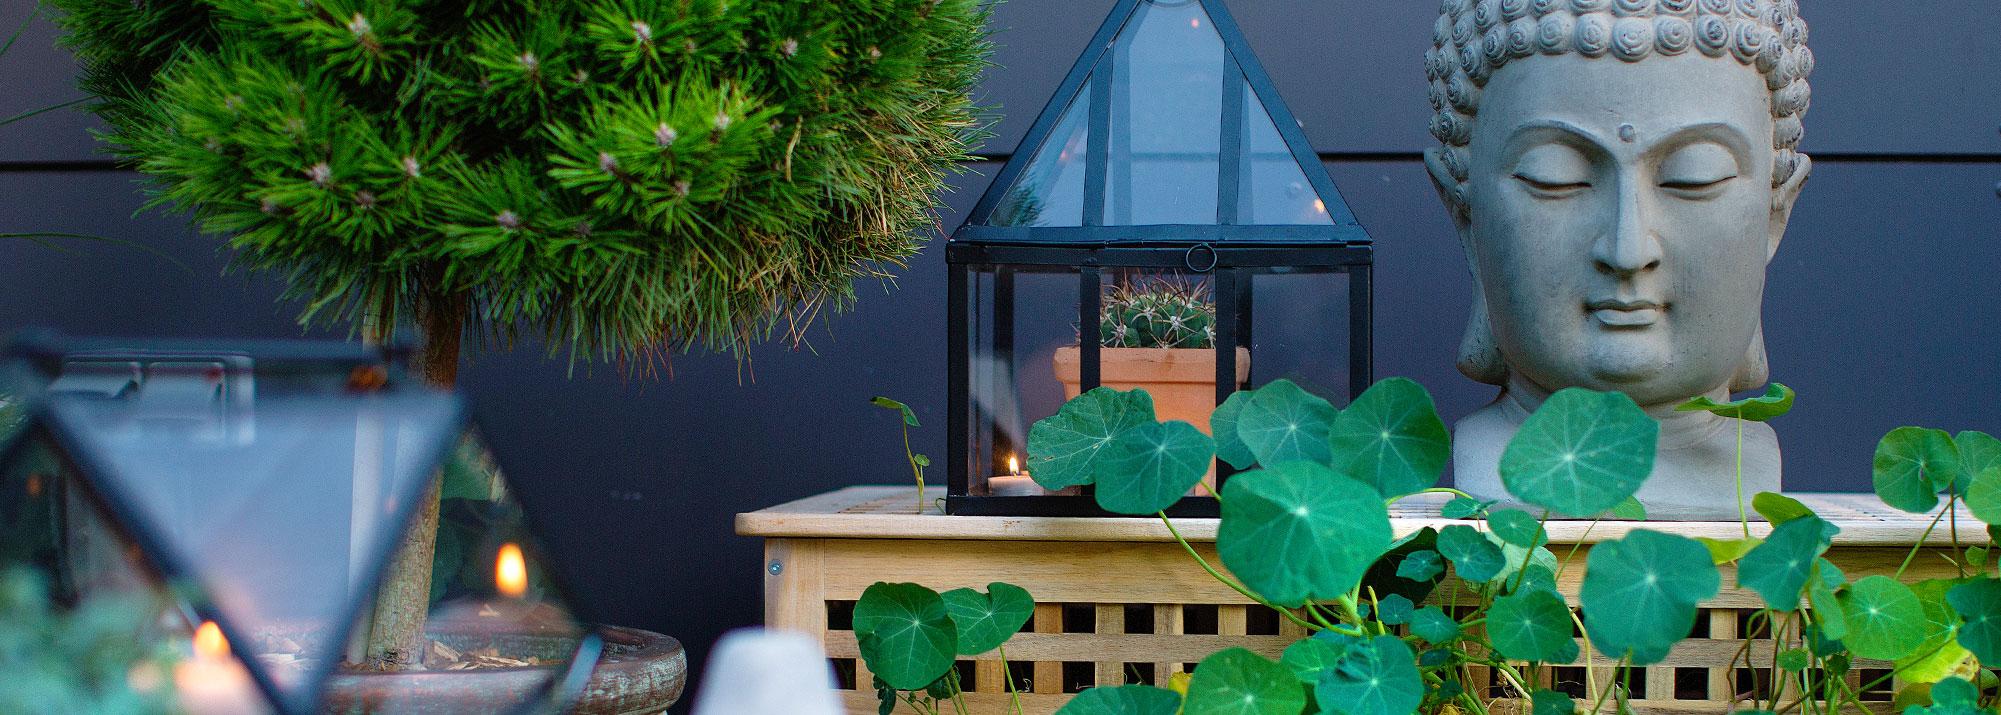 Décoration Du Jardin : Décoration Et Aménagement Du Jardin ... tout Pot Deco Jardin Exterieur